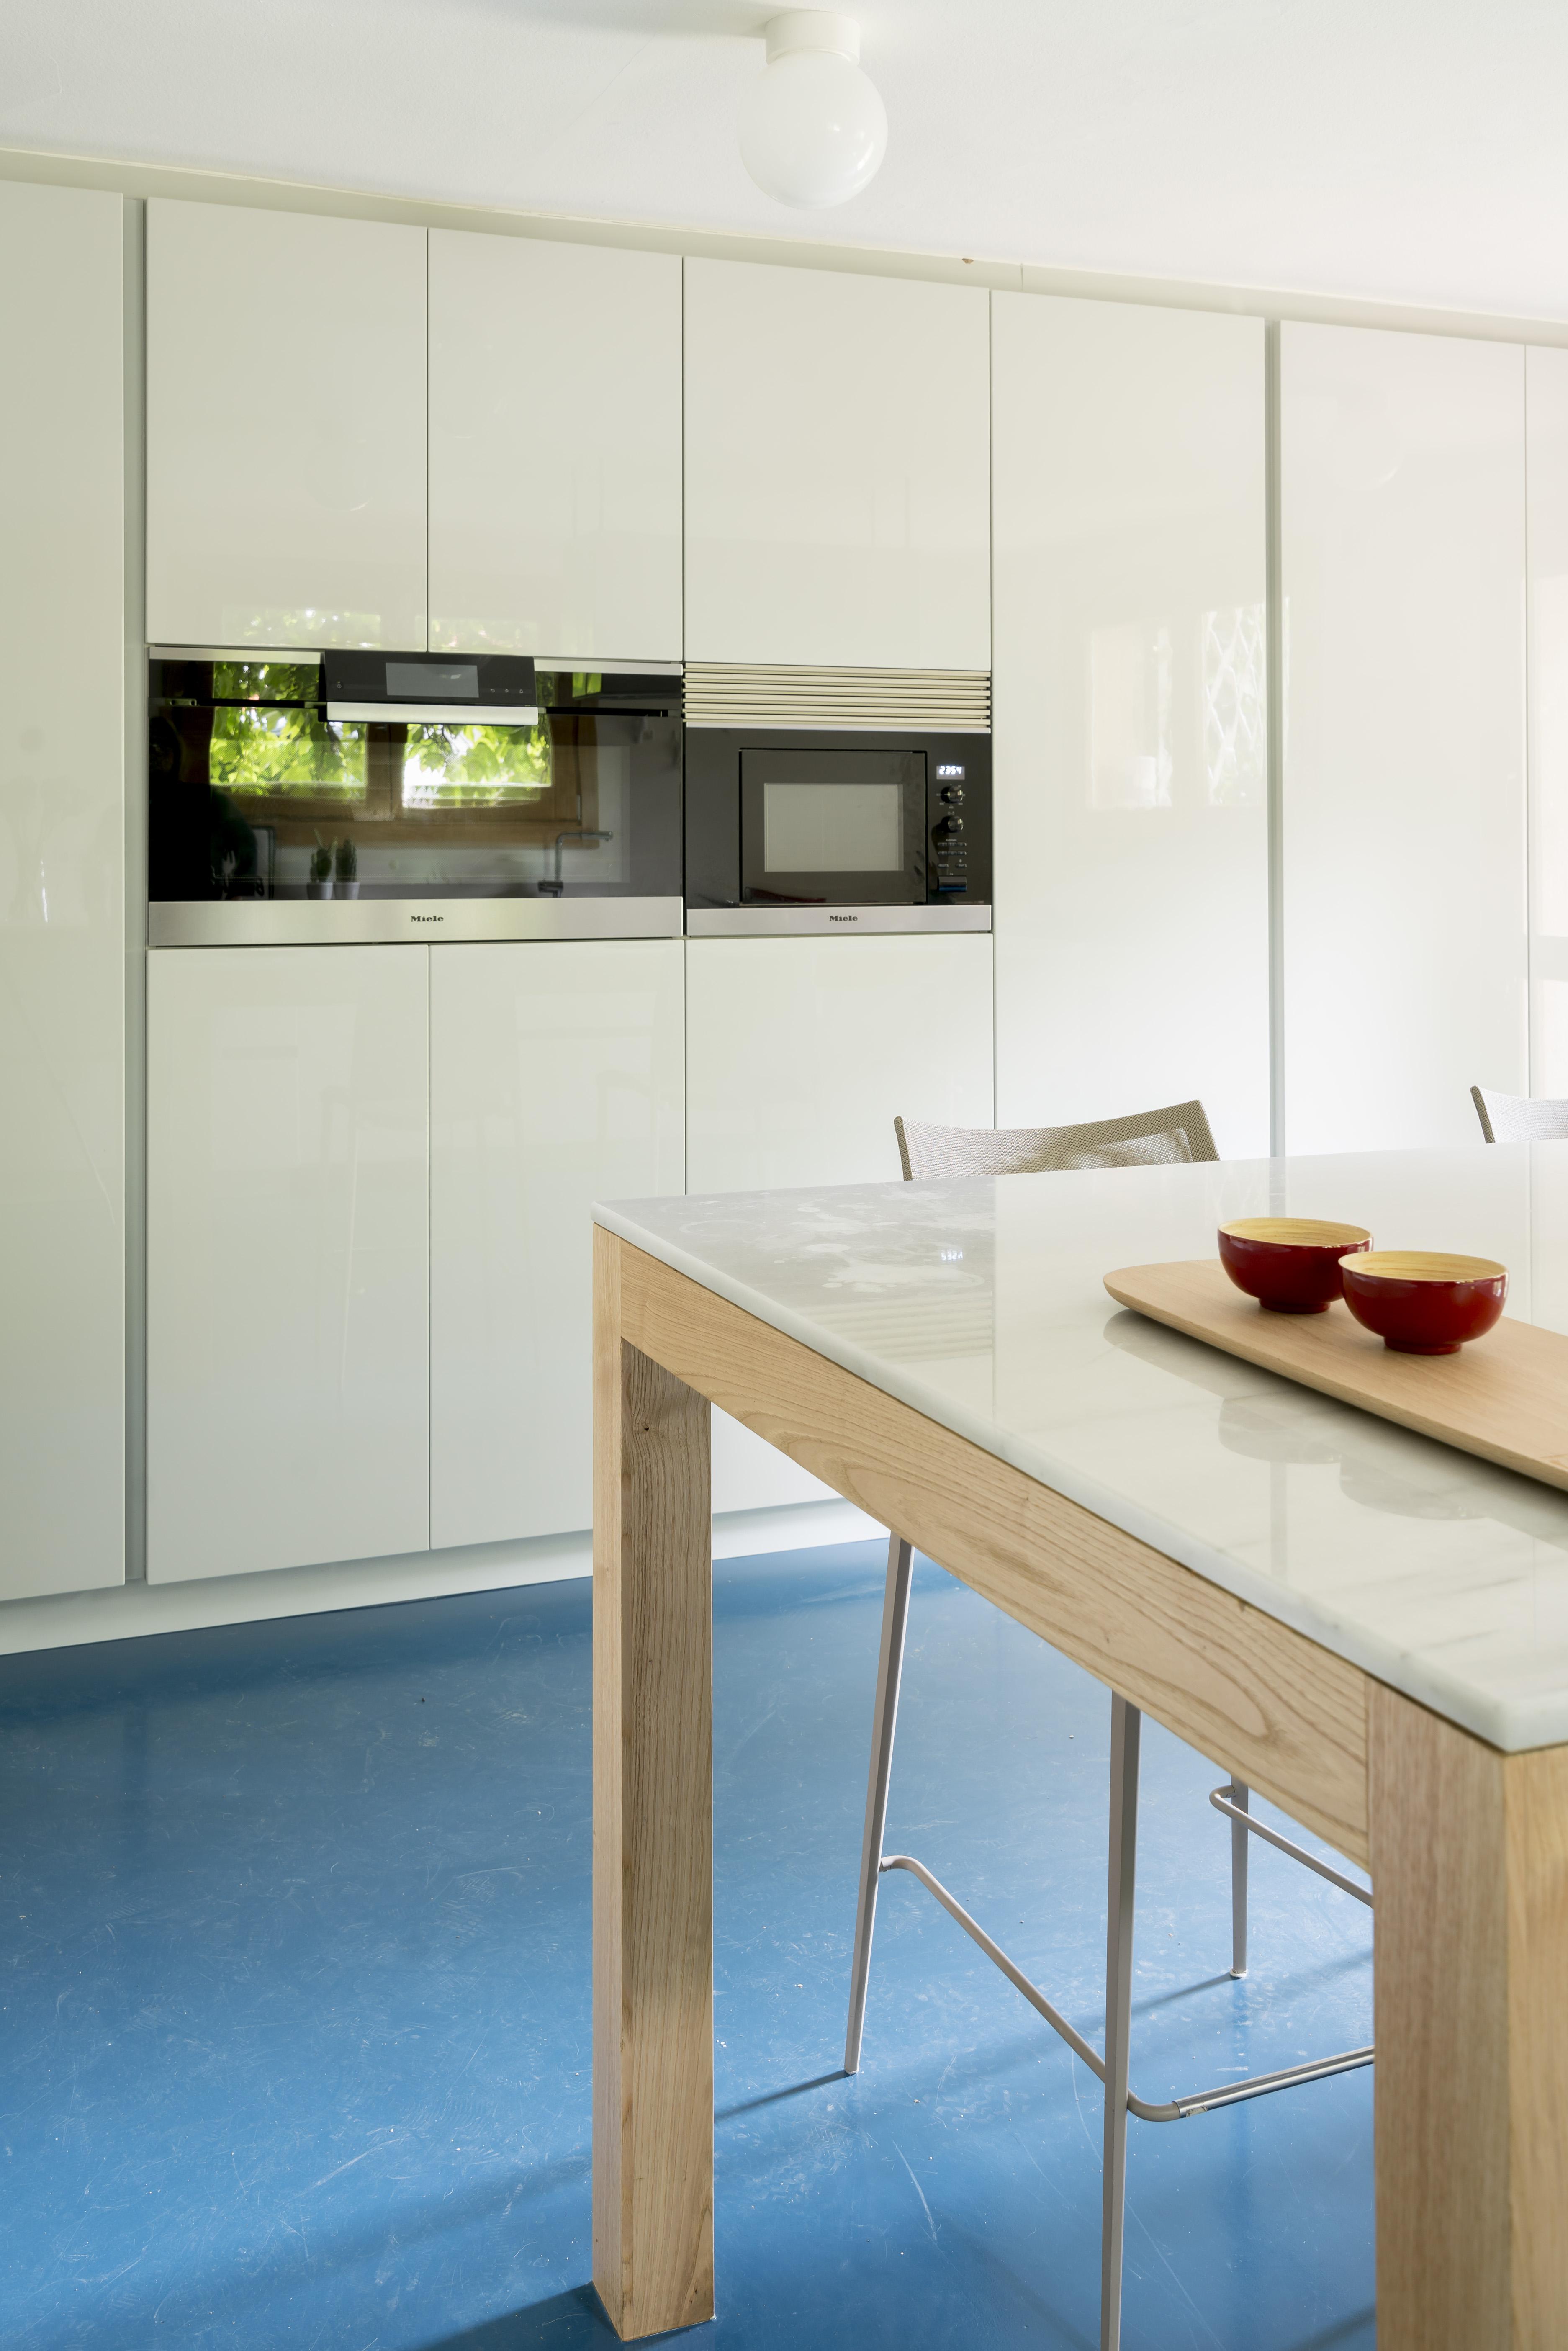 cocina pavimento microcemento azul